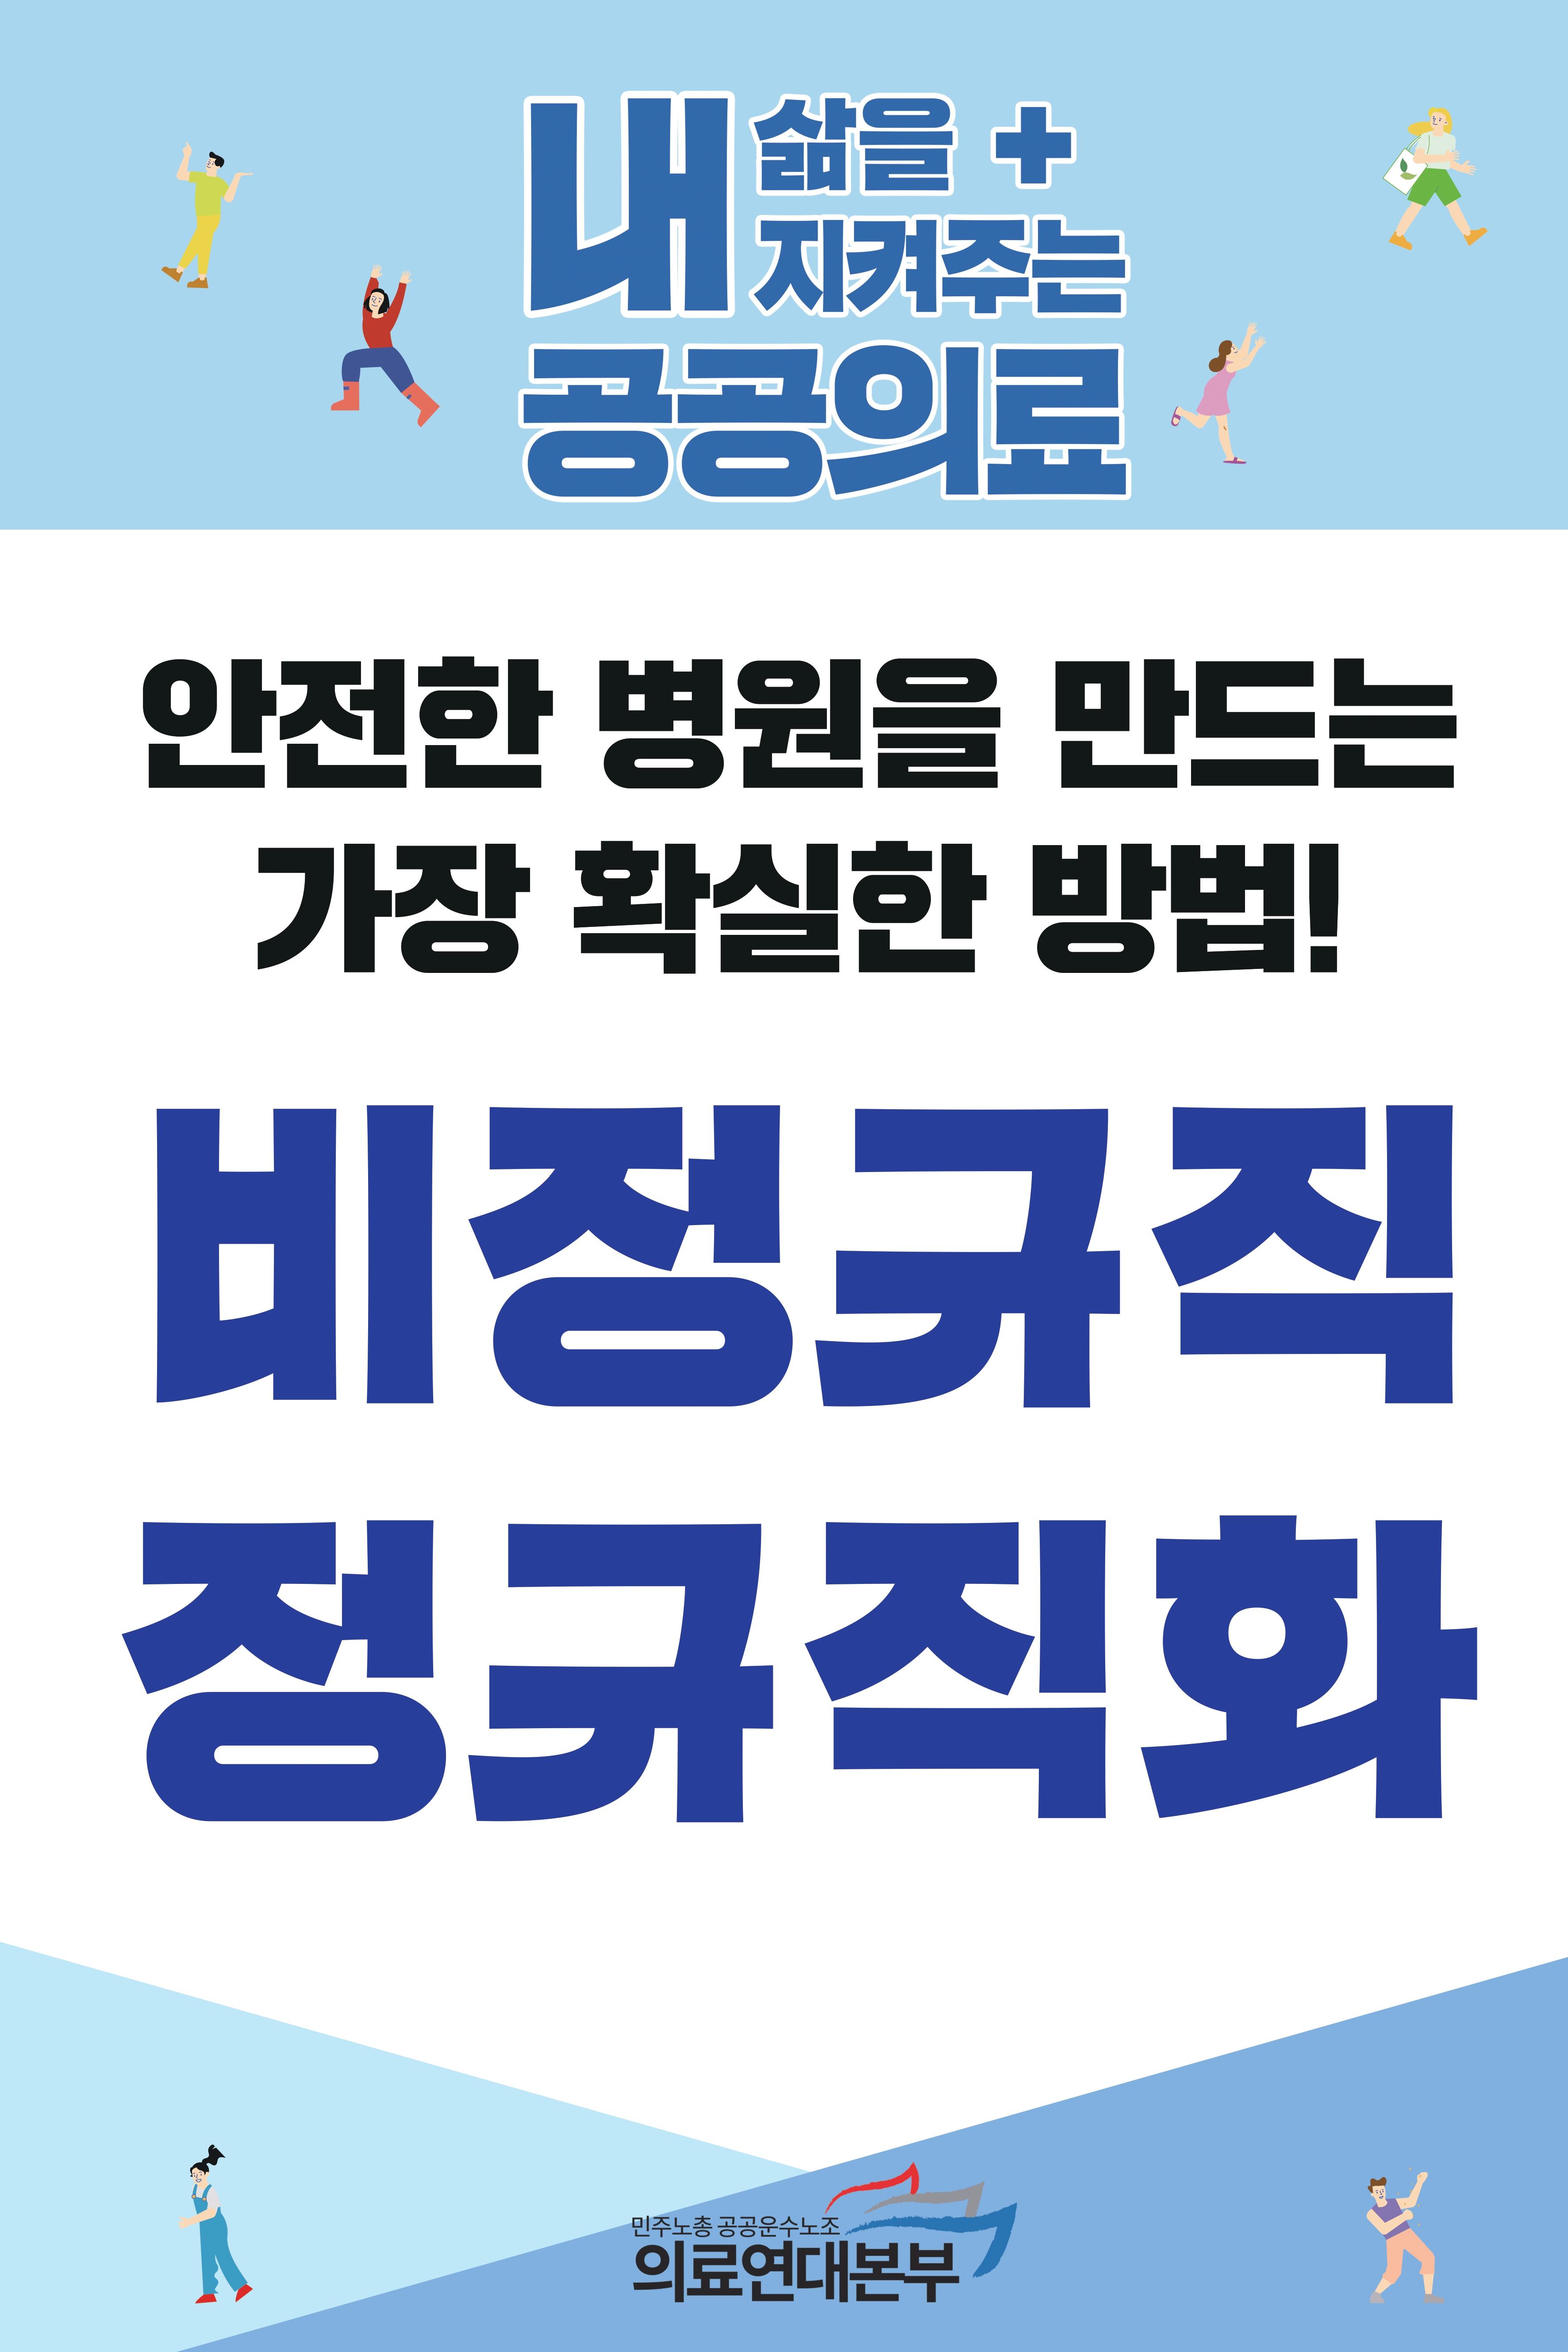 내삶공 피켓(비정규직 정규직화).jpg